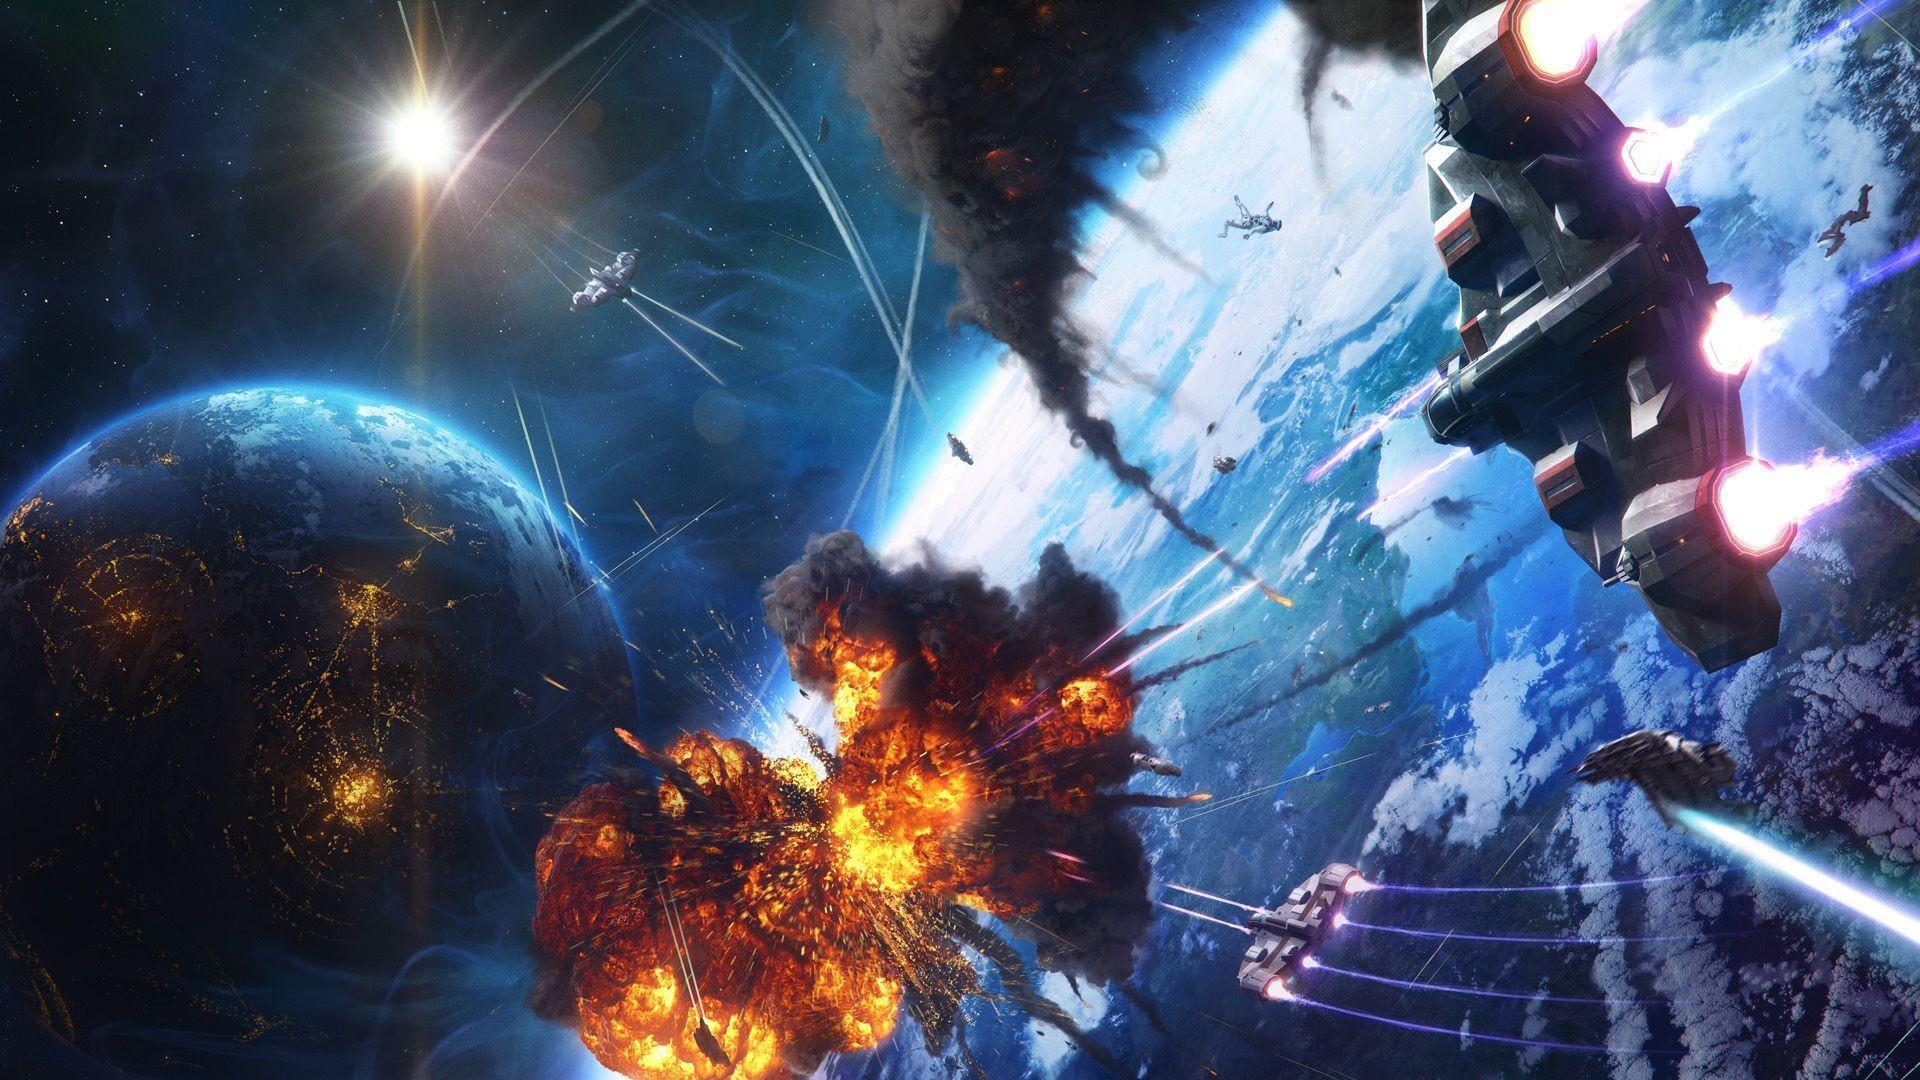 Space Battle Wallpaper – Wallpaper HD Wide